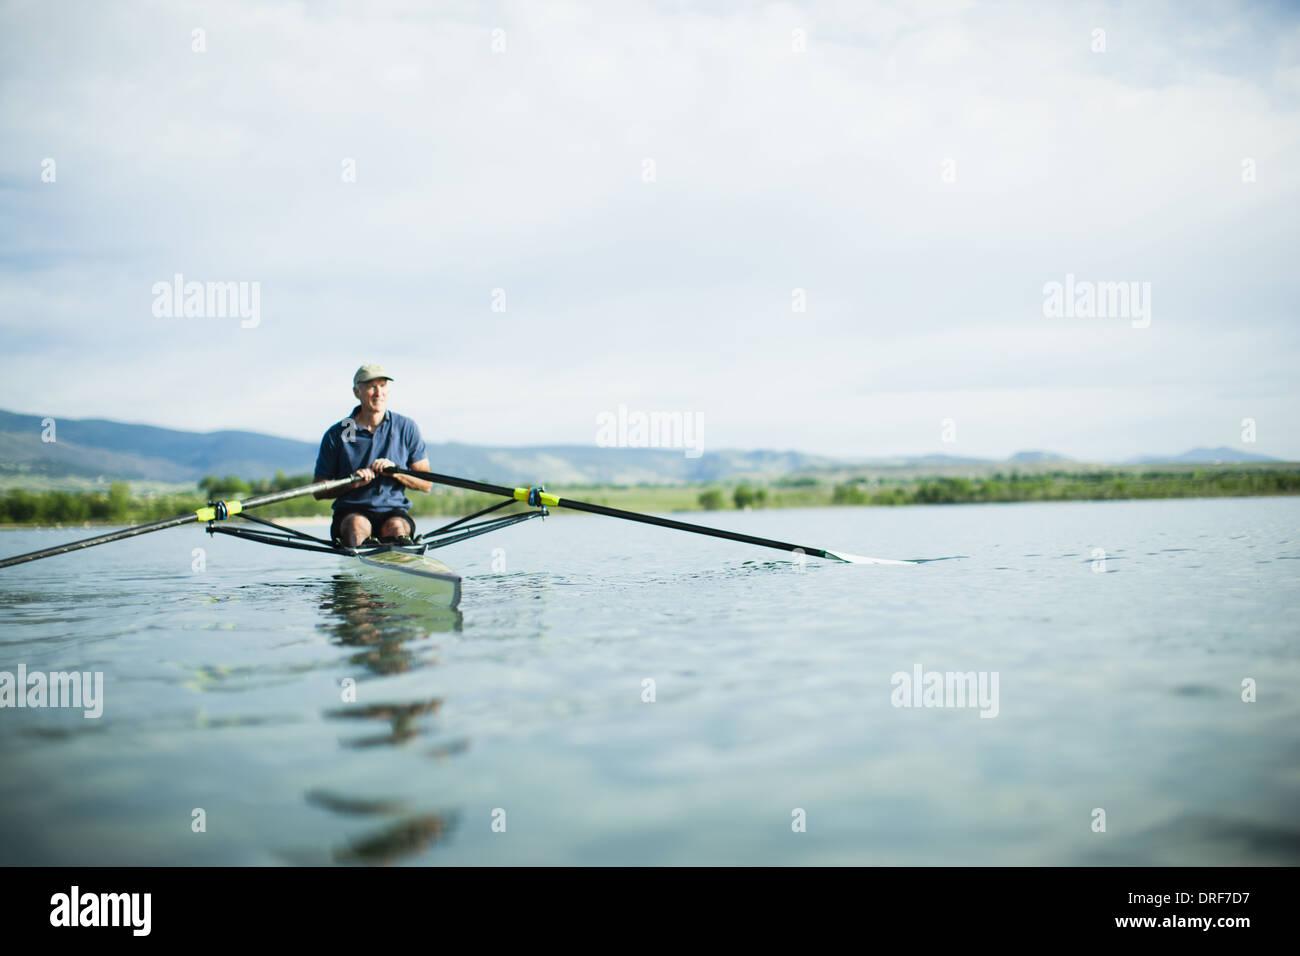 Colorado USA uomo in barca a remi utilizzando i remi Immagini Stock